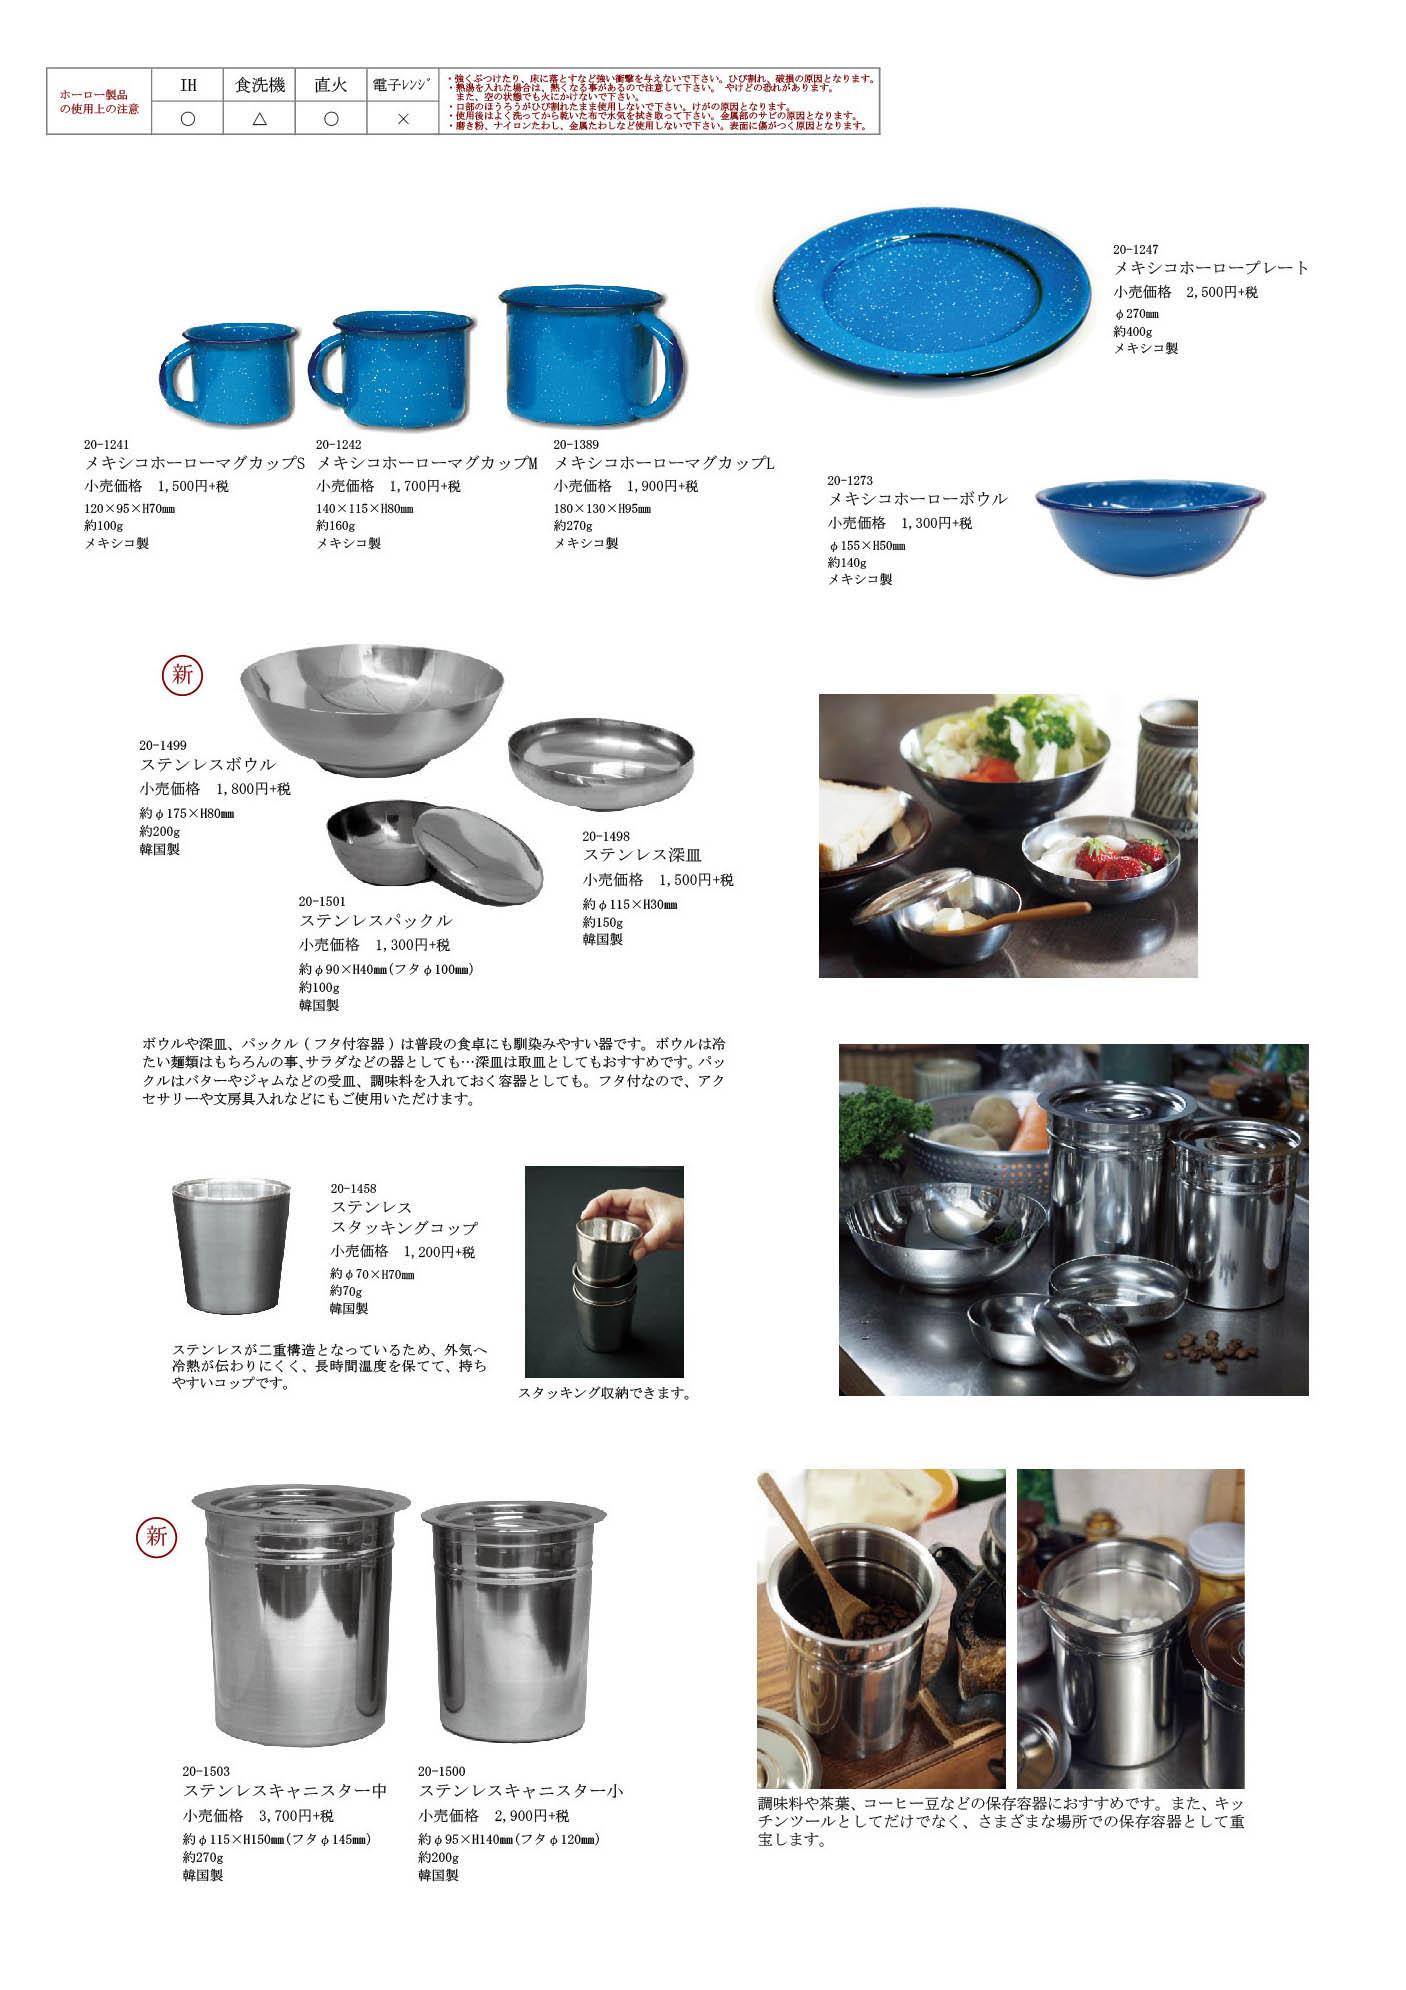 台所用品⑥-ホーロー製品・ステンレス製品・スタンレー製品・ヨーグルトポット-